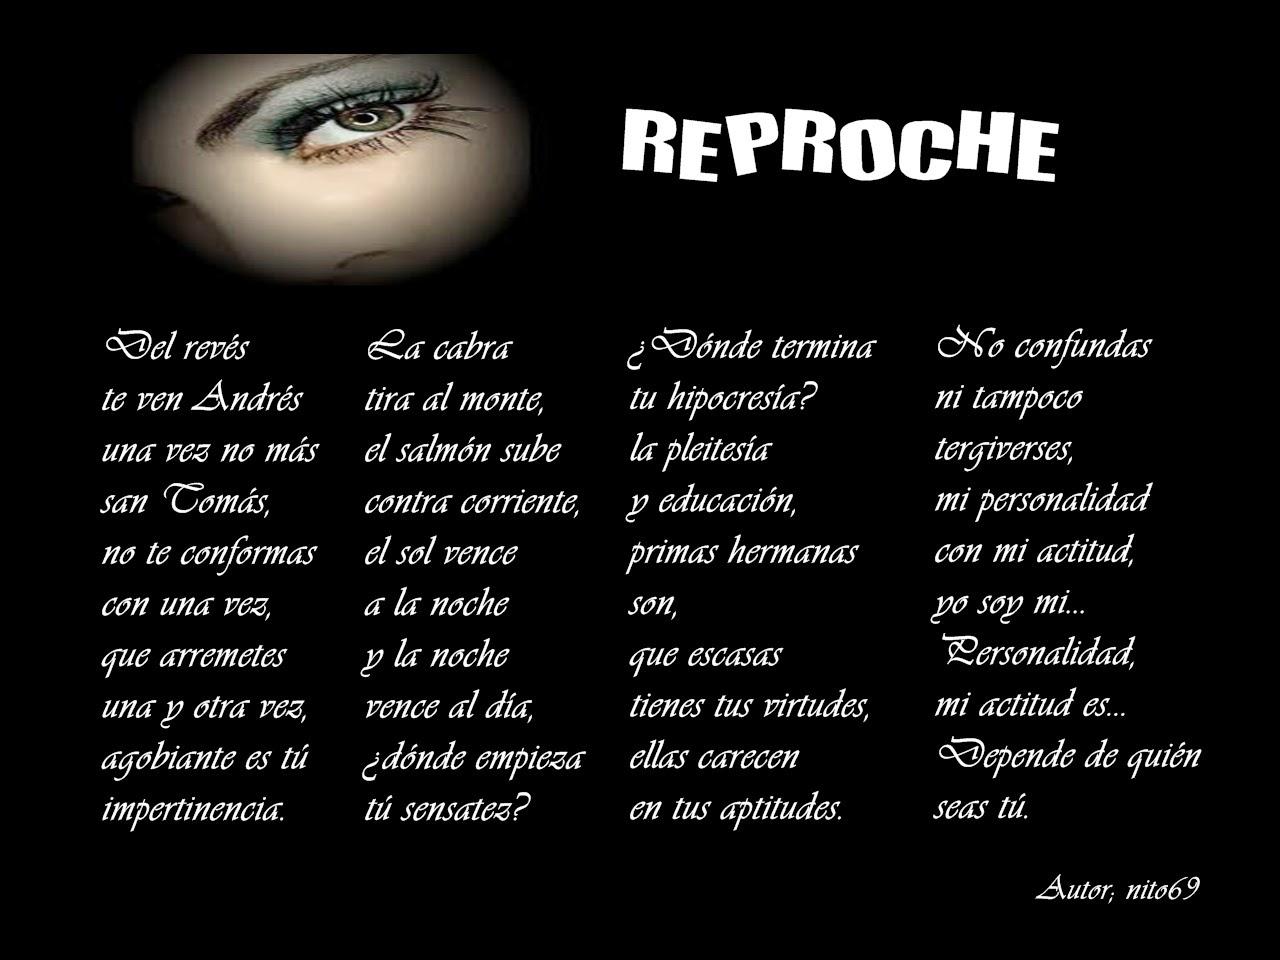 REPROCHE